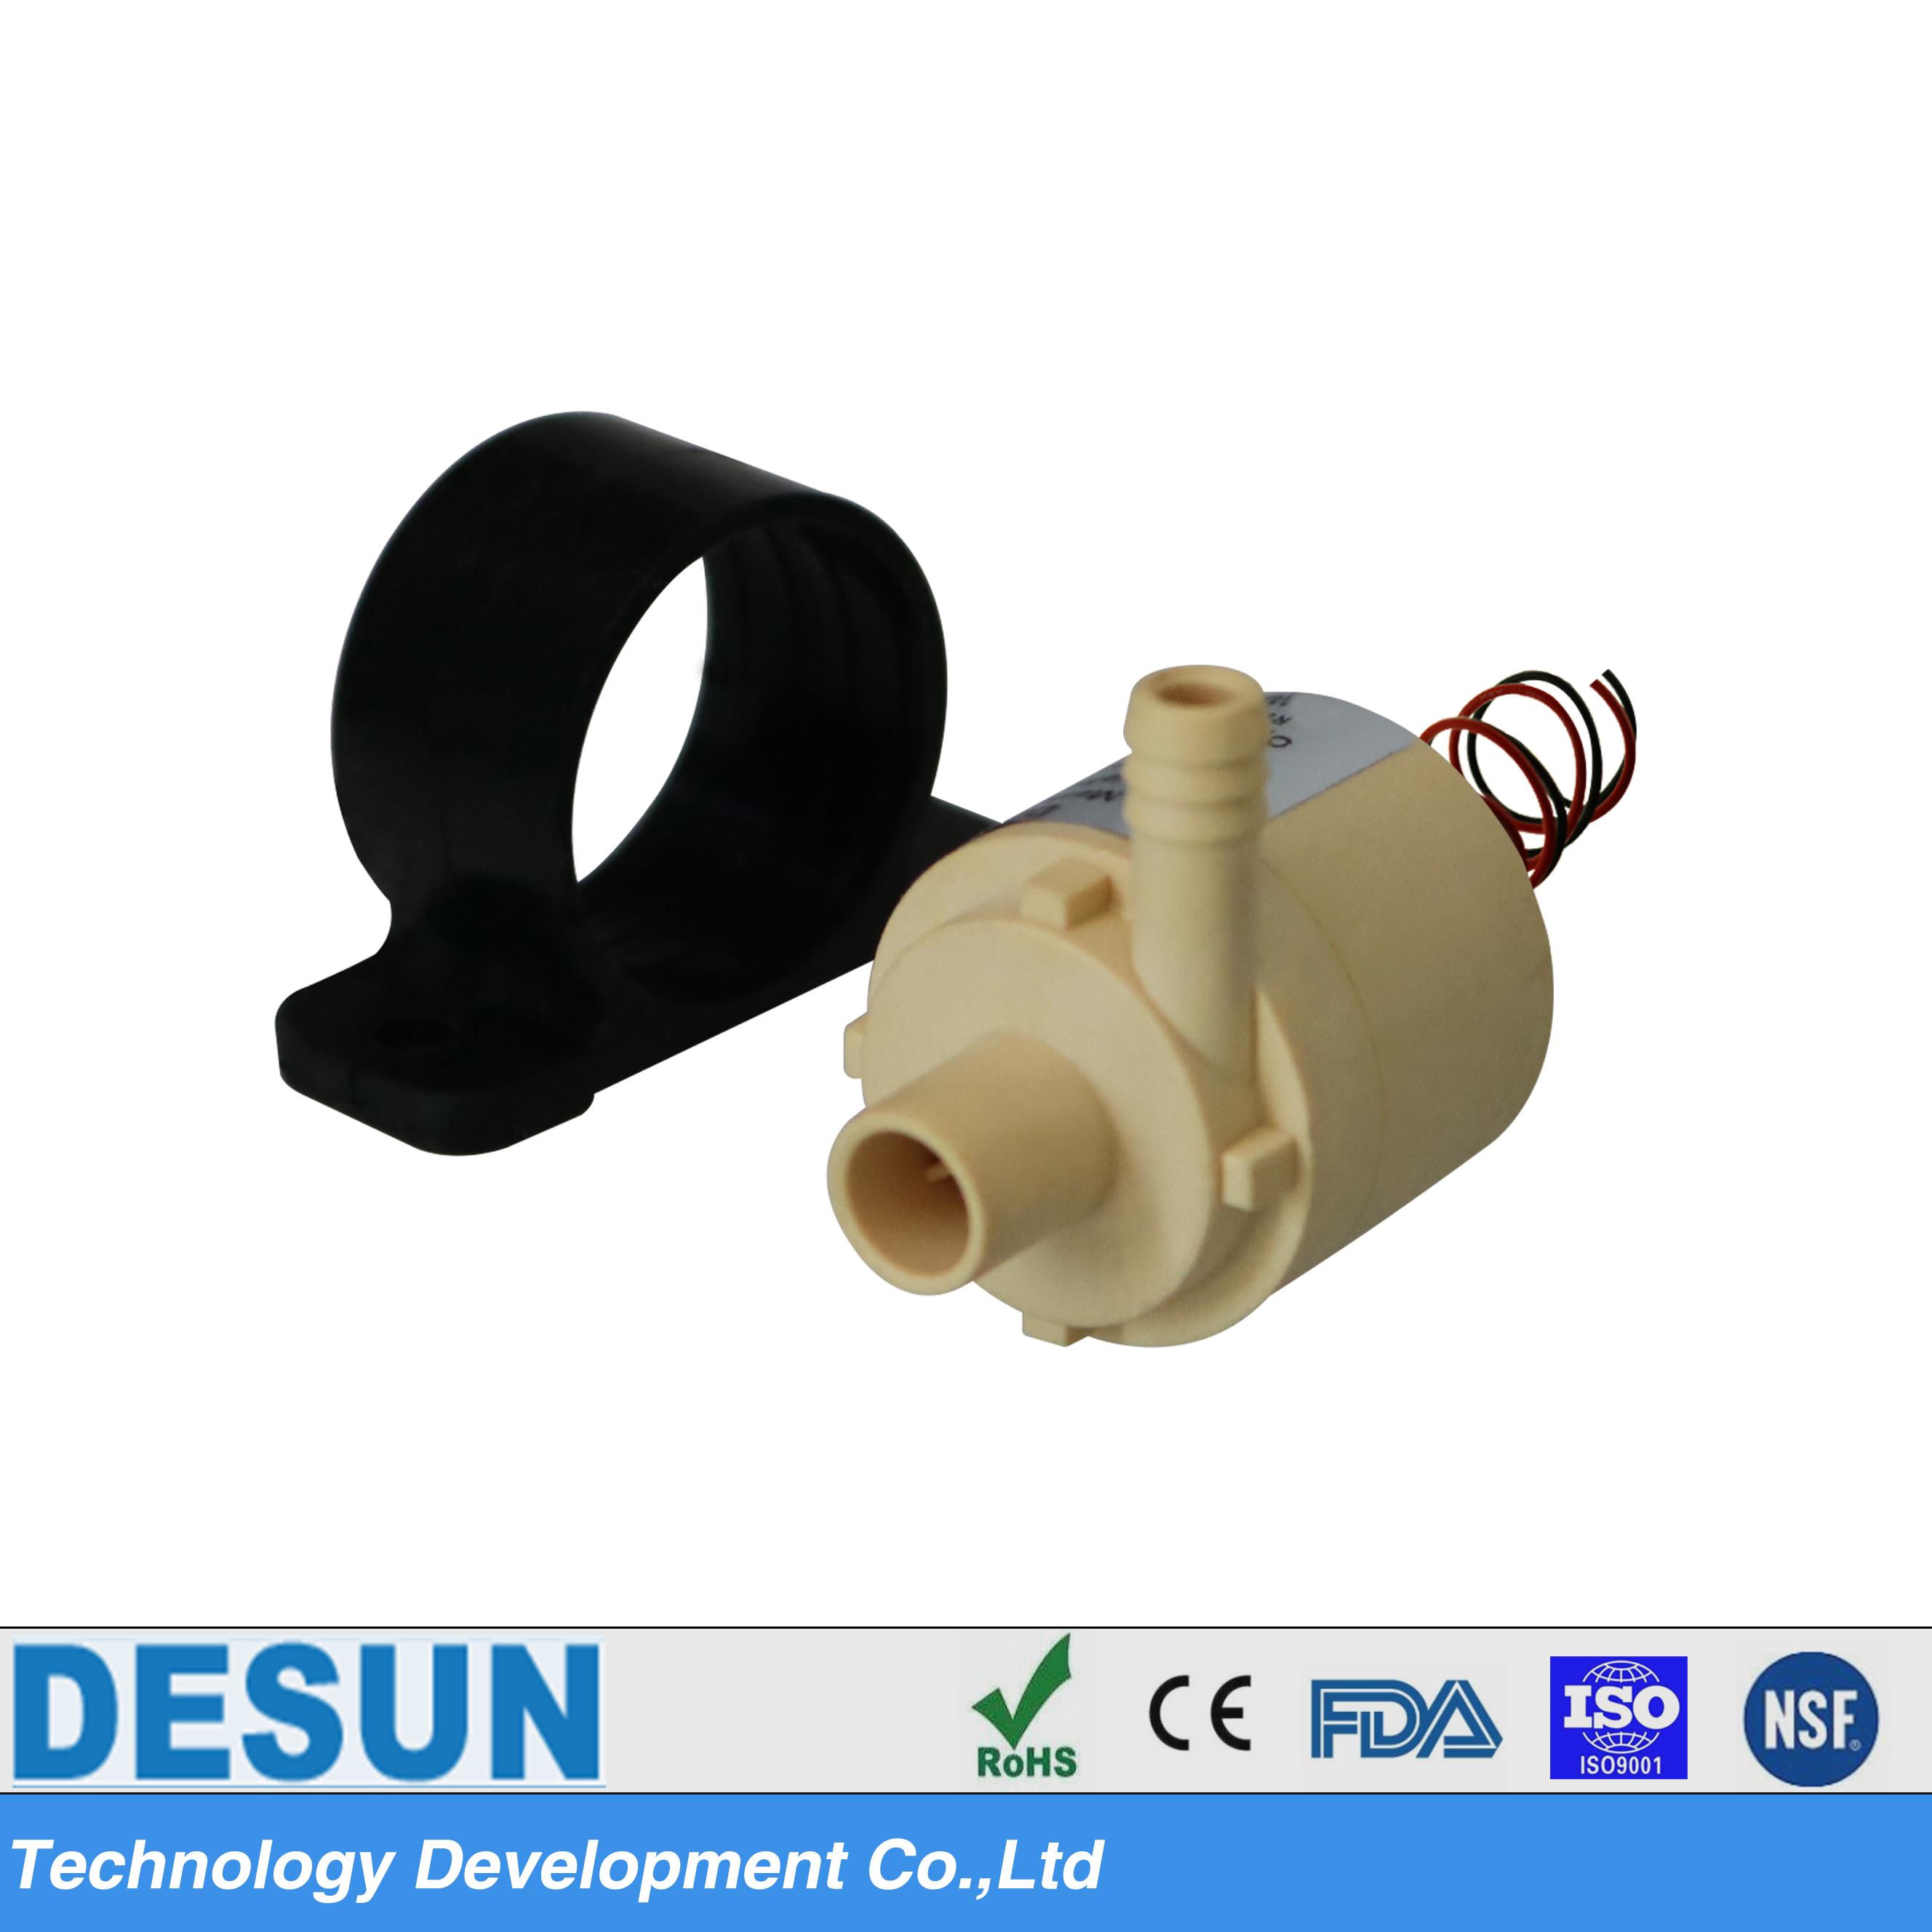 食品级微型水泵DS2502HF